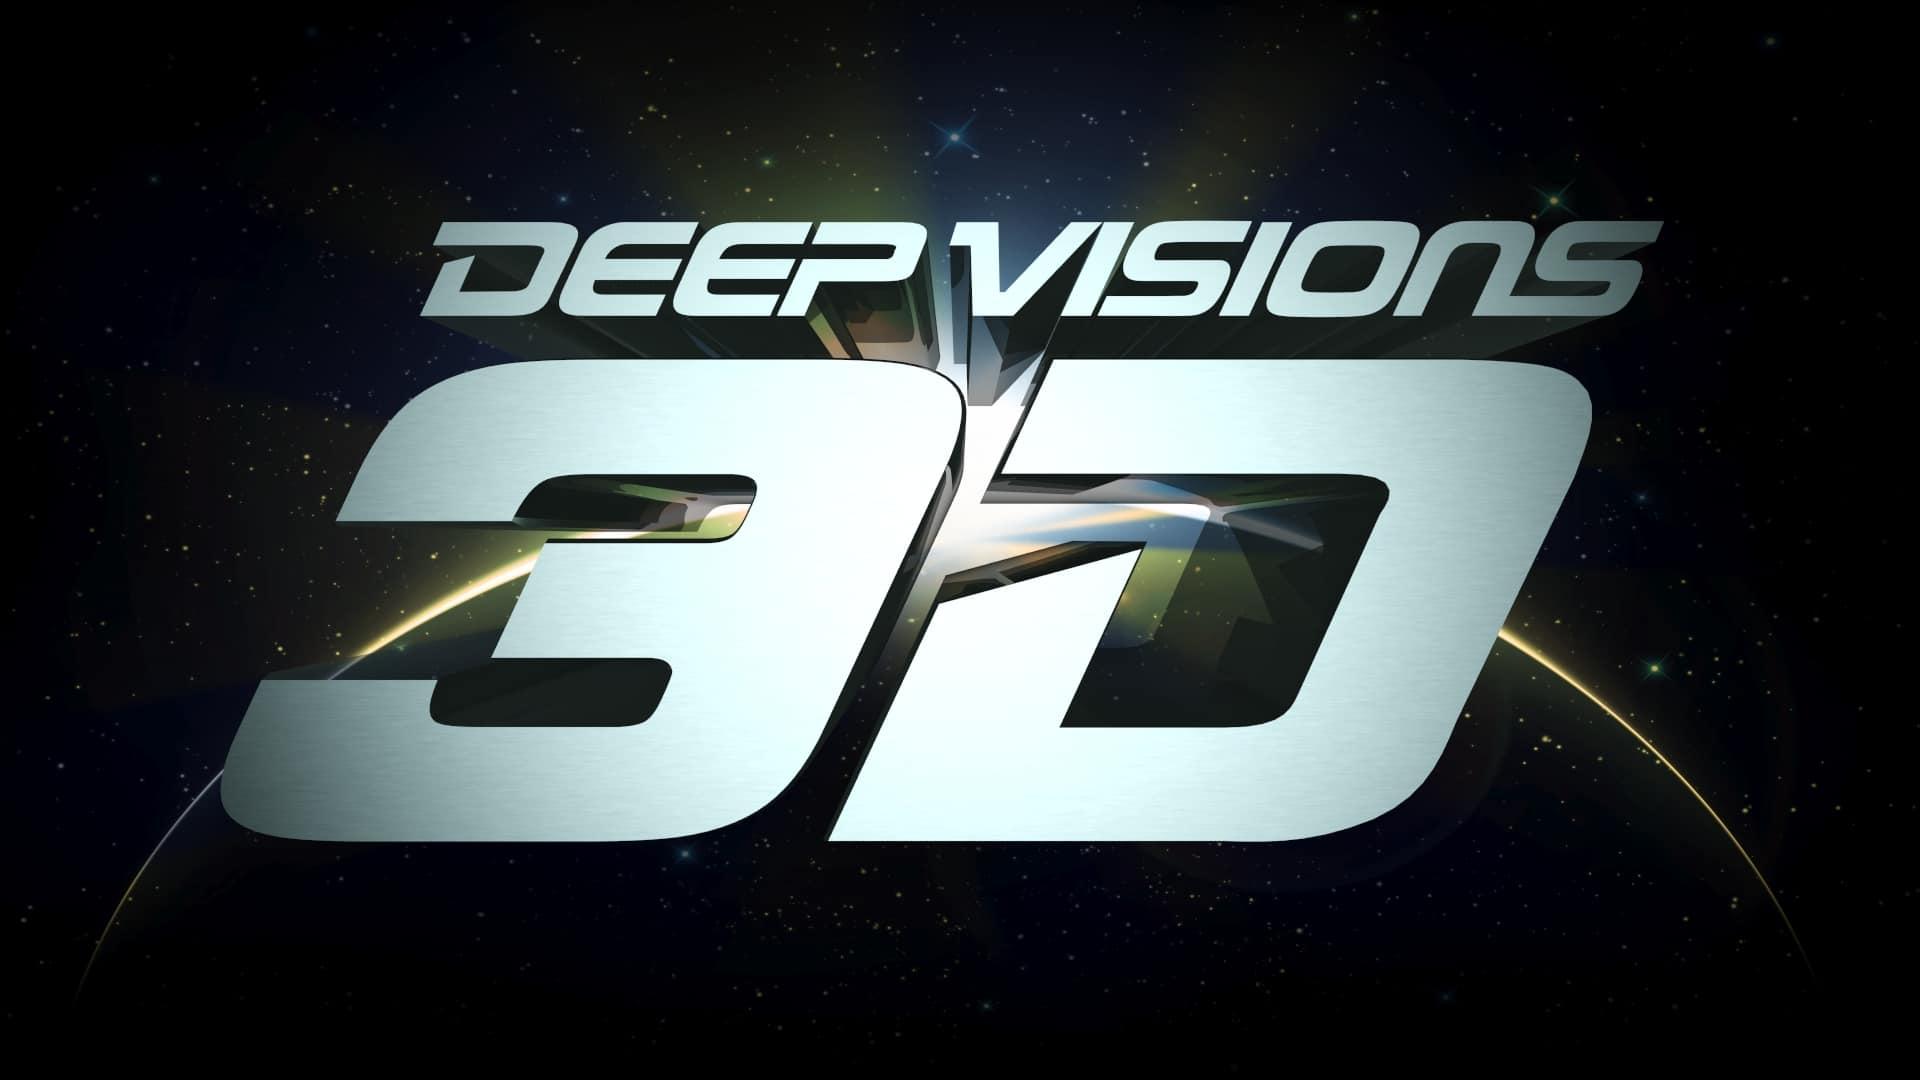 Deep Visions 3D